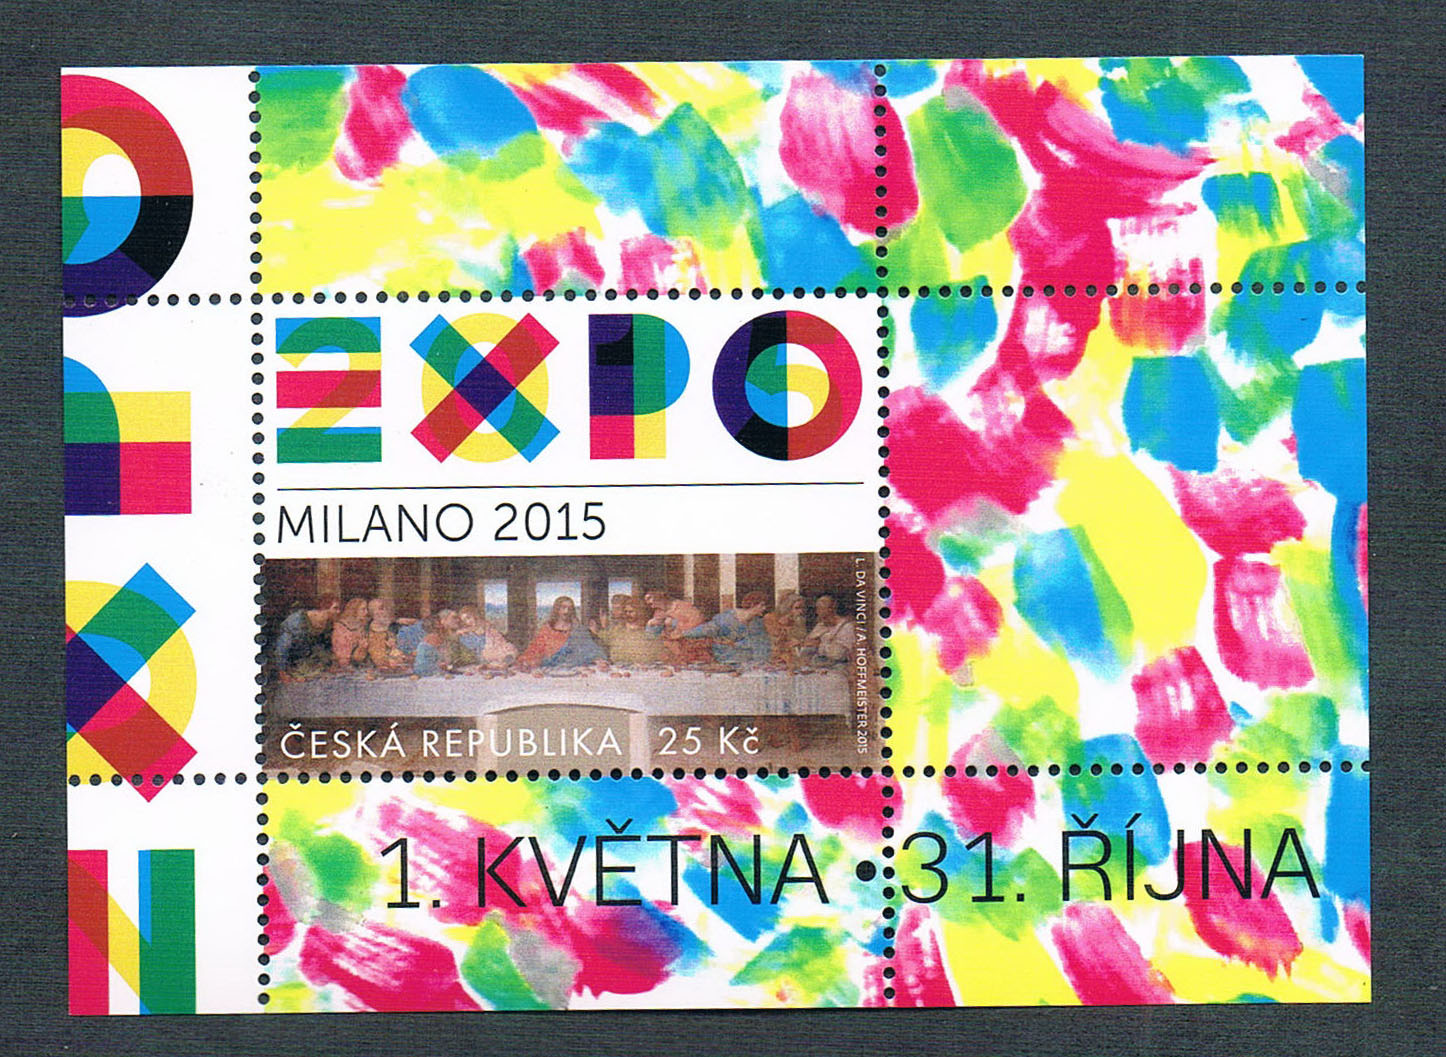 CR0528 Czech Expo 2015 Milan Da Vinci's Last Supper 1M new 0610 100% new for board controller xqb60 0528 xqb55 0528 0034000808e motherboard